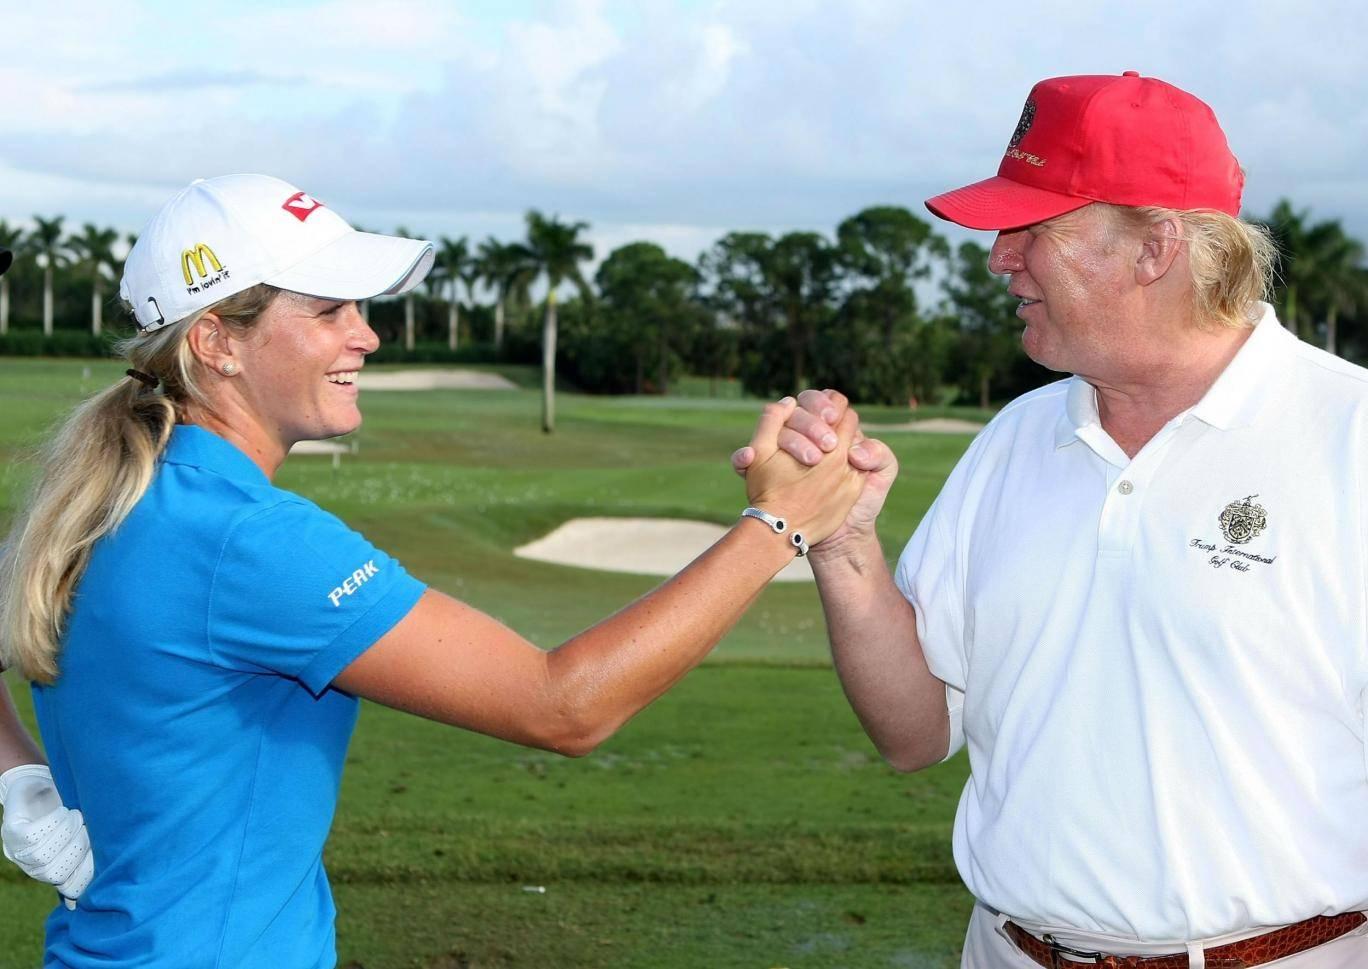 ترامپ در گلف هم جر زنی می کند!